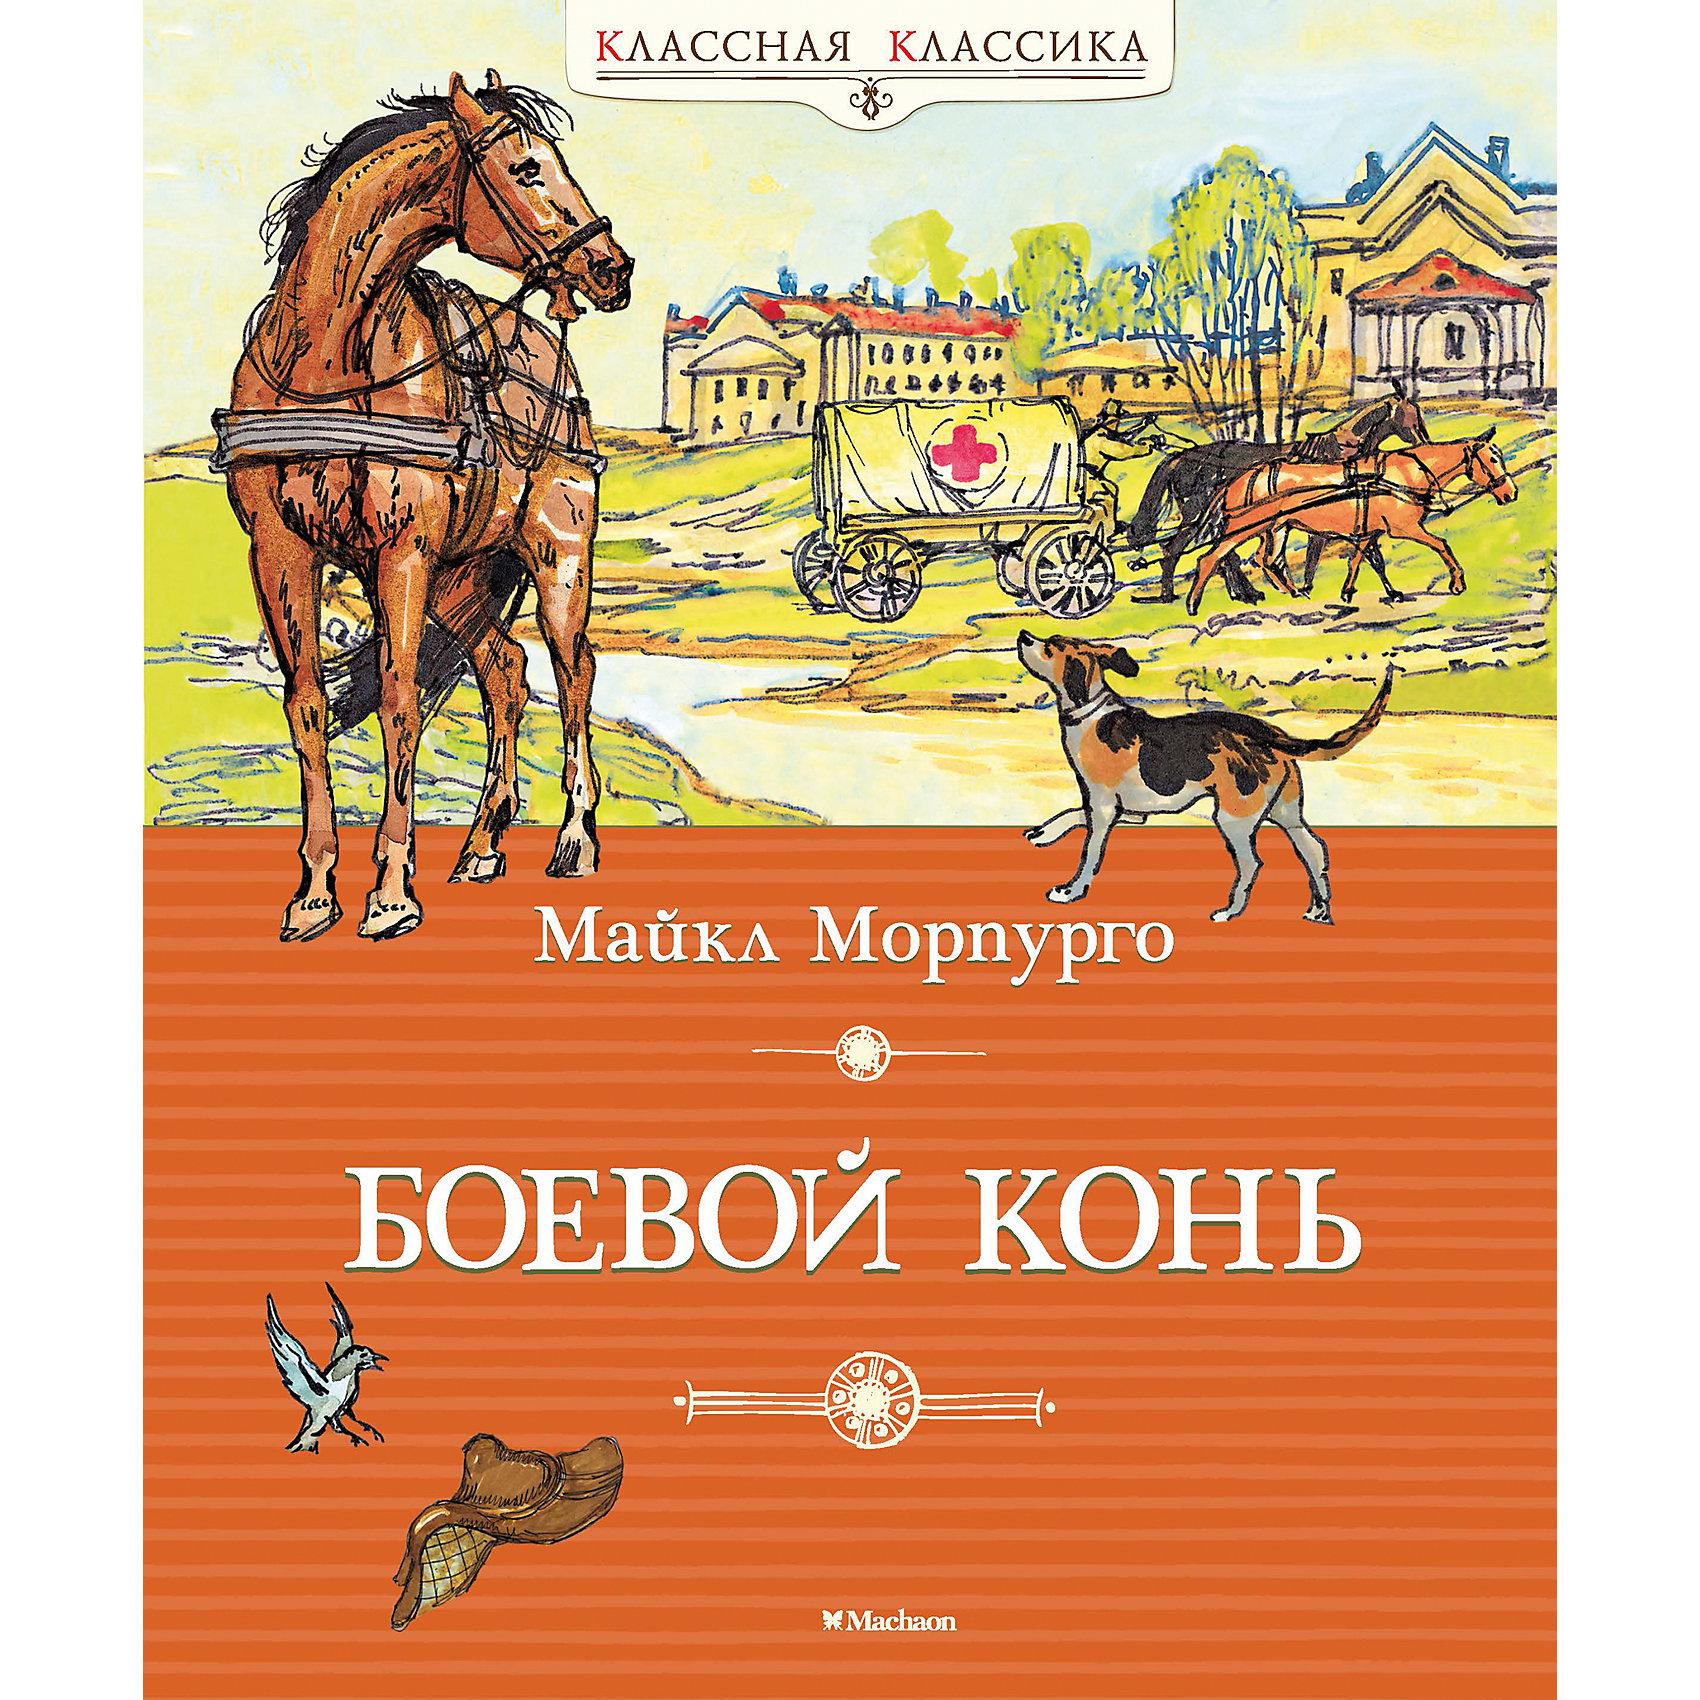 Боевой конь, Майкл МорпургоРассказы и повести<br>«Классная классика» — это книги, которые каждый должен прочитать в детстве.<br><br>Майкл Морпурго – знаменитый английский писатель, автор более 120 книг для детей и подростков. Во всём мире его книги пользуются огромной популярностью. Майкл Морпурго – обладатель многих престижных премий в области детской литературы. Многие из его книг были успешно экранизированы.<br><br>Произведения Майкла Морпуго входят в программу внеклассного чтения.<br><br>«Боевой конь» – история трогательной дружбы молодого человека Альберта и коня, который с детства был ему верным товарищем. Отец Альберта продаёт коня в британскую кавалерию, и Альберт, несмотря на свой юный возраст, отправляется на войну, чтобы найти друга. Он беззаветно верит в то, что найдёт его…<br><br>Ширина мм: 235<br>Глубина мм: 195<br>Высота мм: 13<br>Вес г: 428<br>Возраст от месяцев: 132<br>Возраст до месяцев: 168<br>Пол: Мужской<br>Возраст: Детский<br>SKU: 4818031